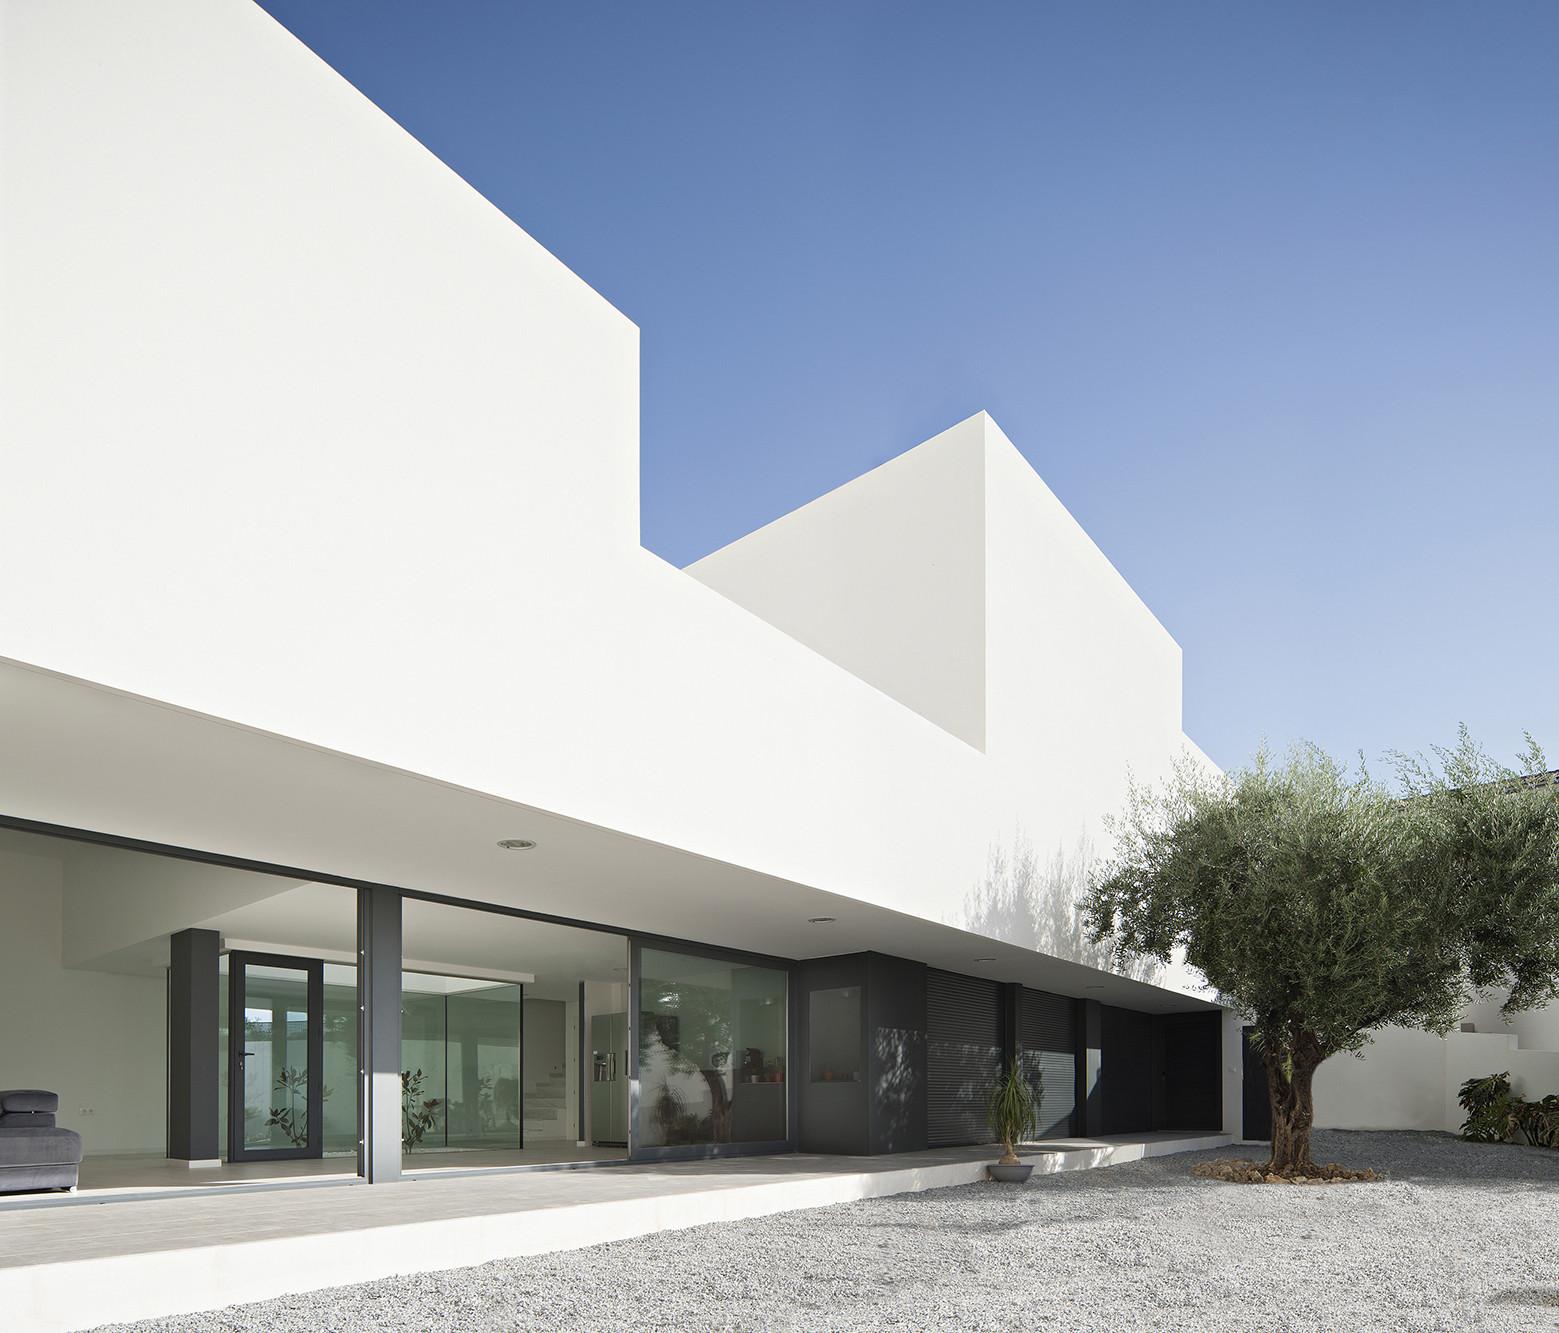 Vivienda Unifamiliar con Jardín / DTR_Studio Arquitectos, © Javier Callejas